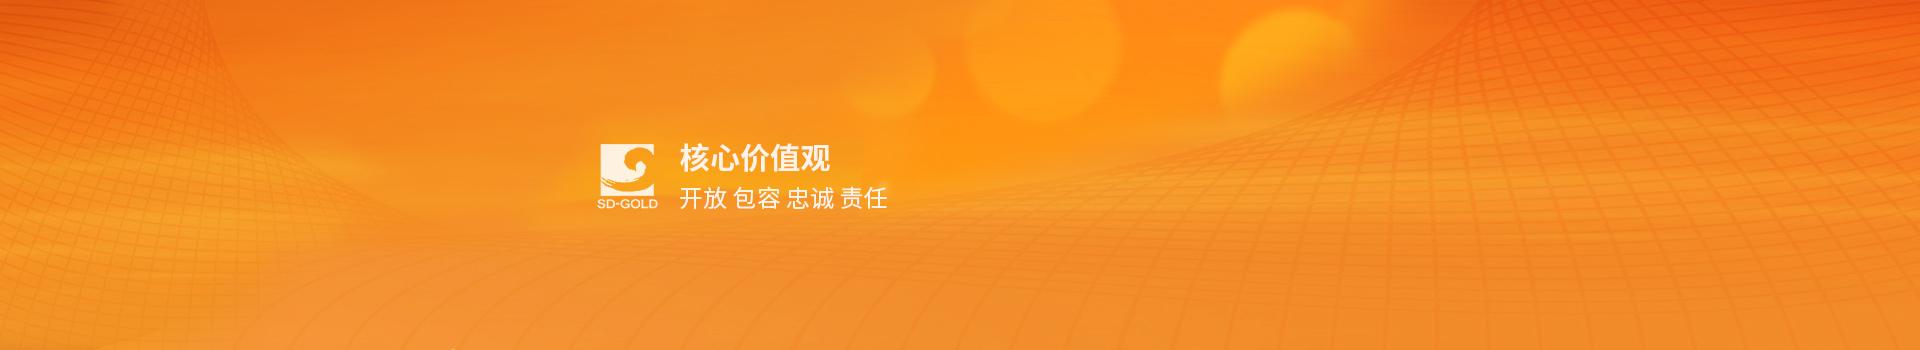 山東省裝飾集團有限公司